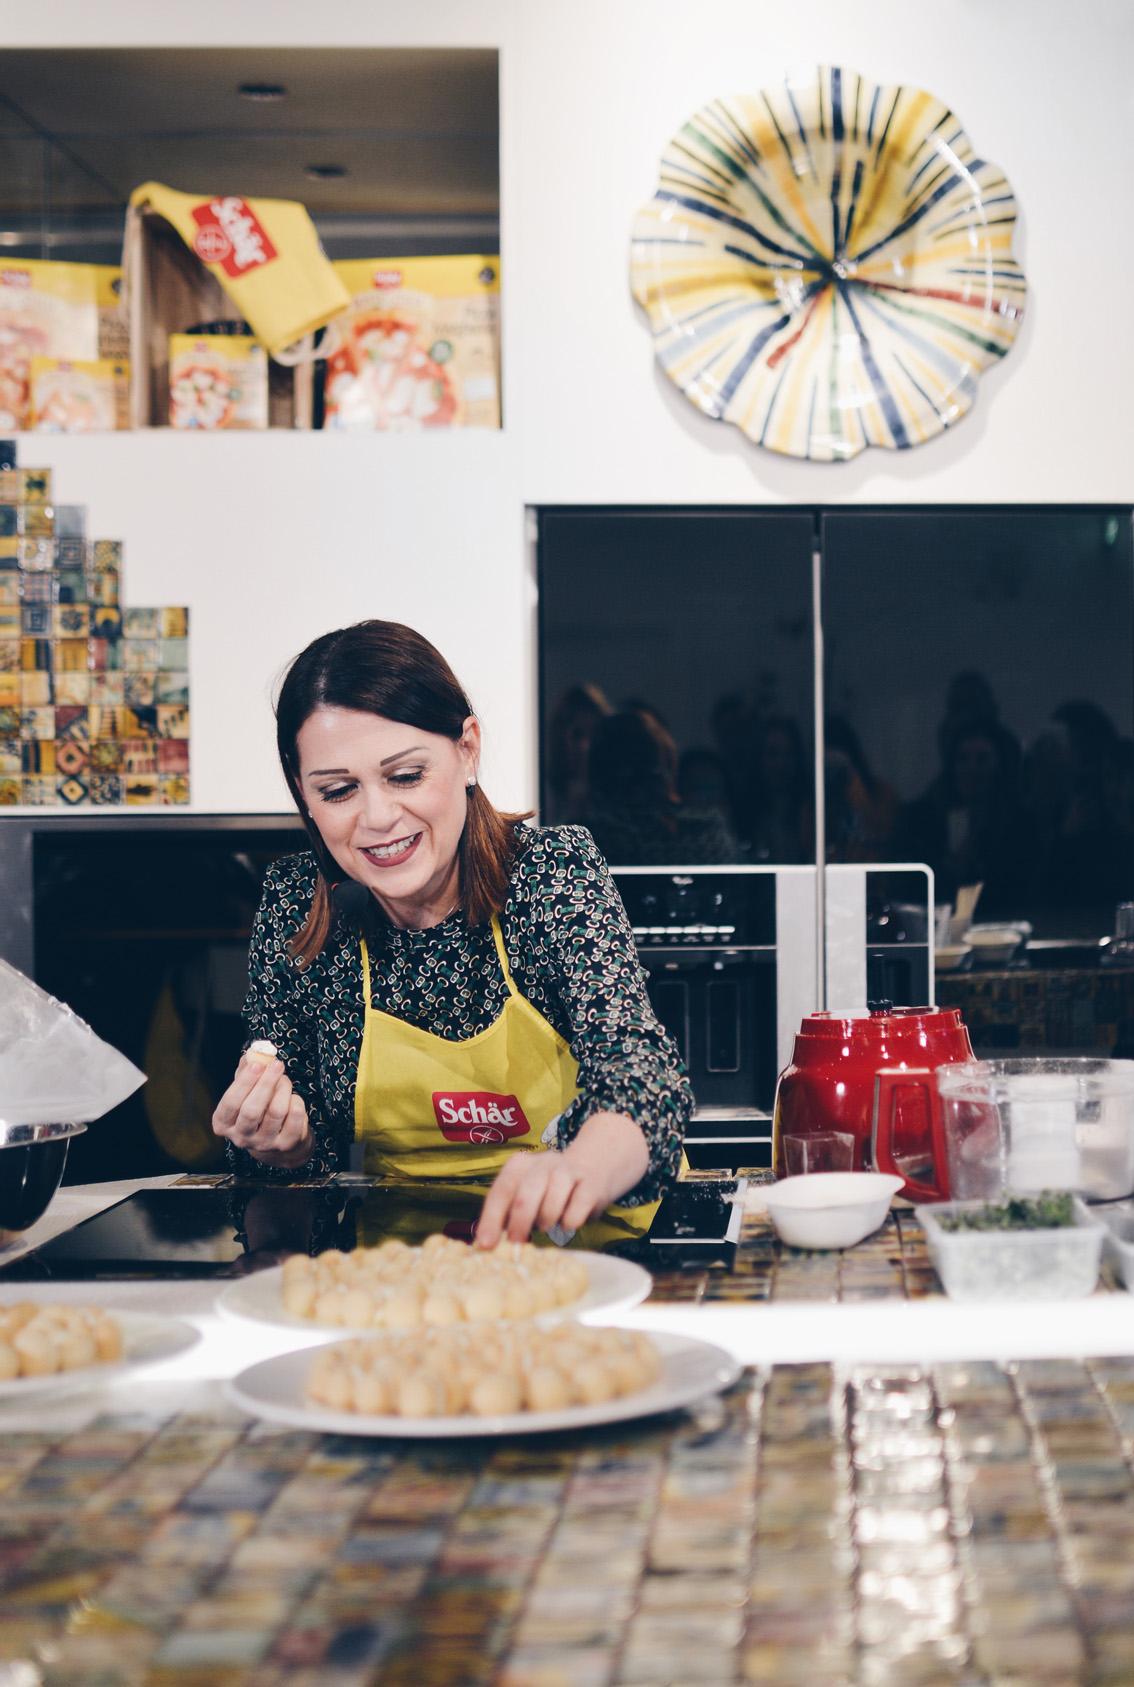 1 Show Cooking con Sonia Peronaci e Schär, imparando deliziose ricette gluten free.